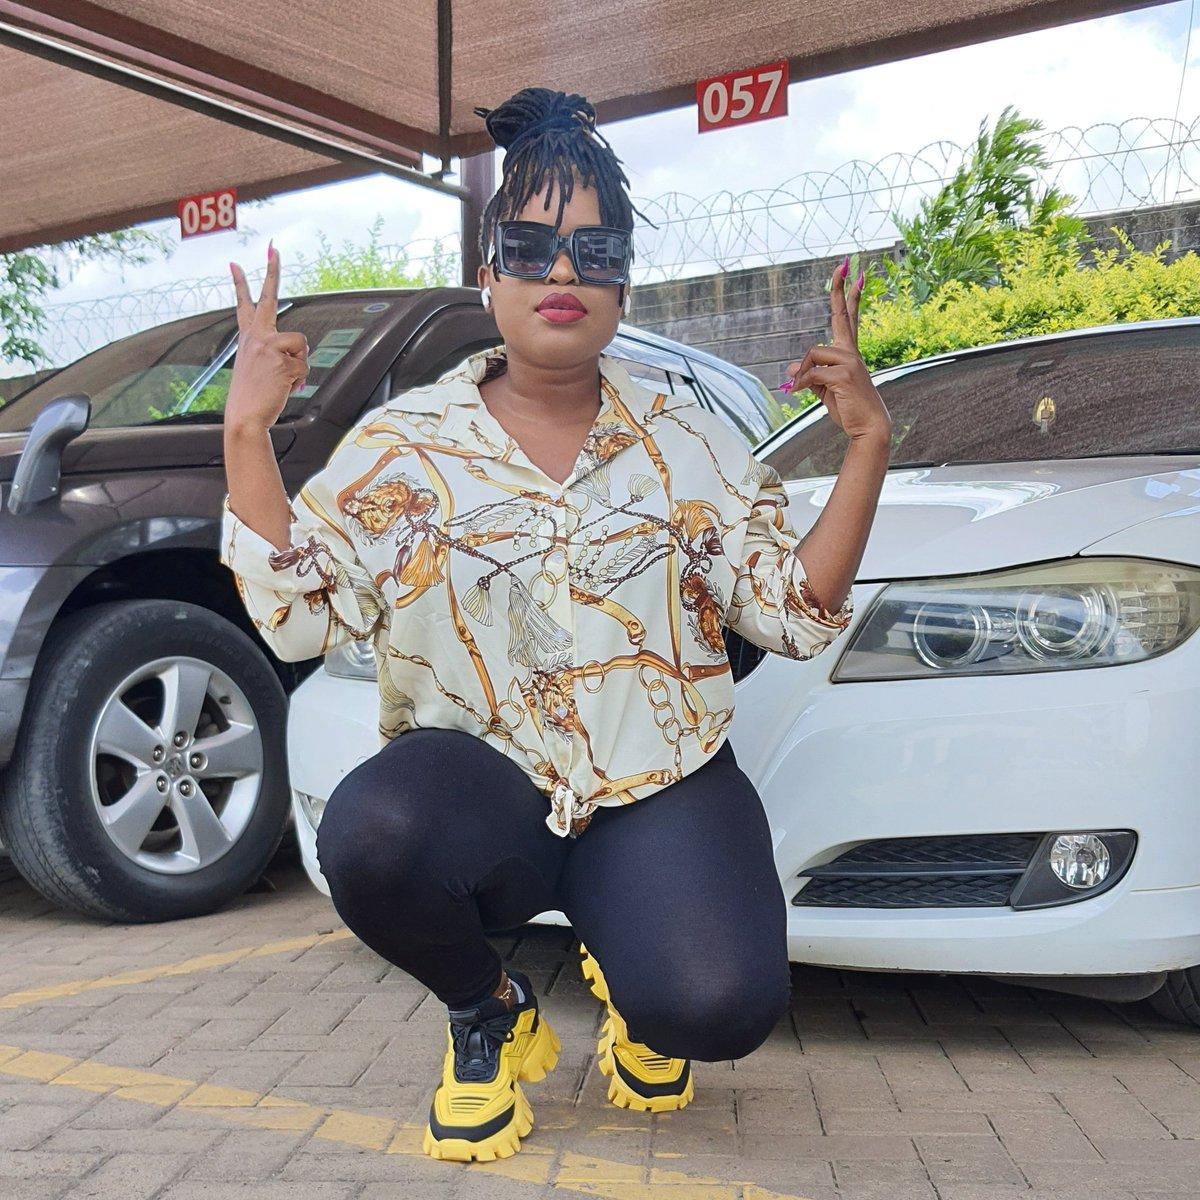 Baddest Queen on both your Radio and TV  @radiomaisha @Ktnbtv  #MwendeNClemmoKonnect #QueenoftheAirwaves https://t.co/JpCN2DhkQm